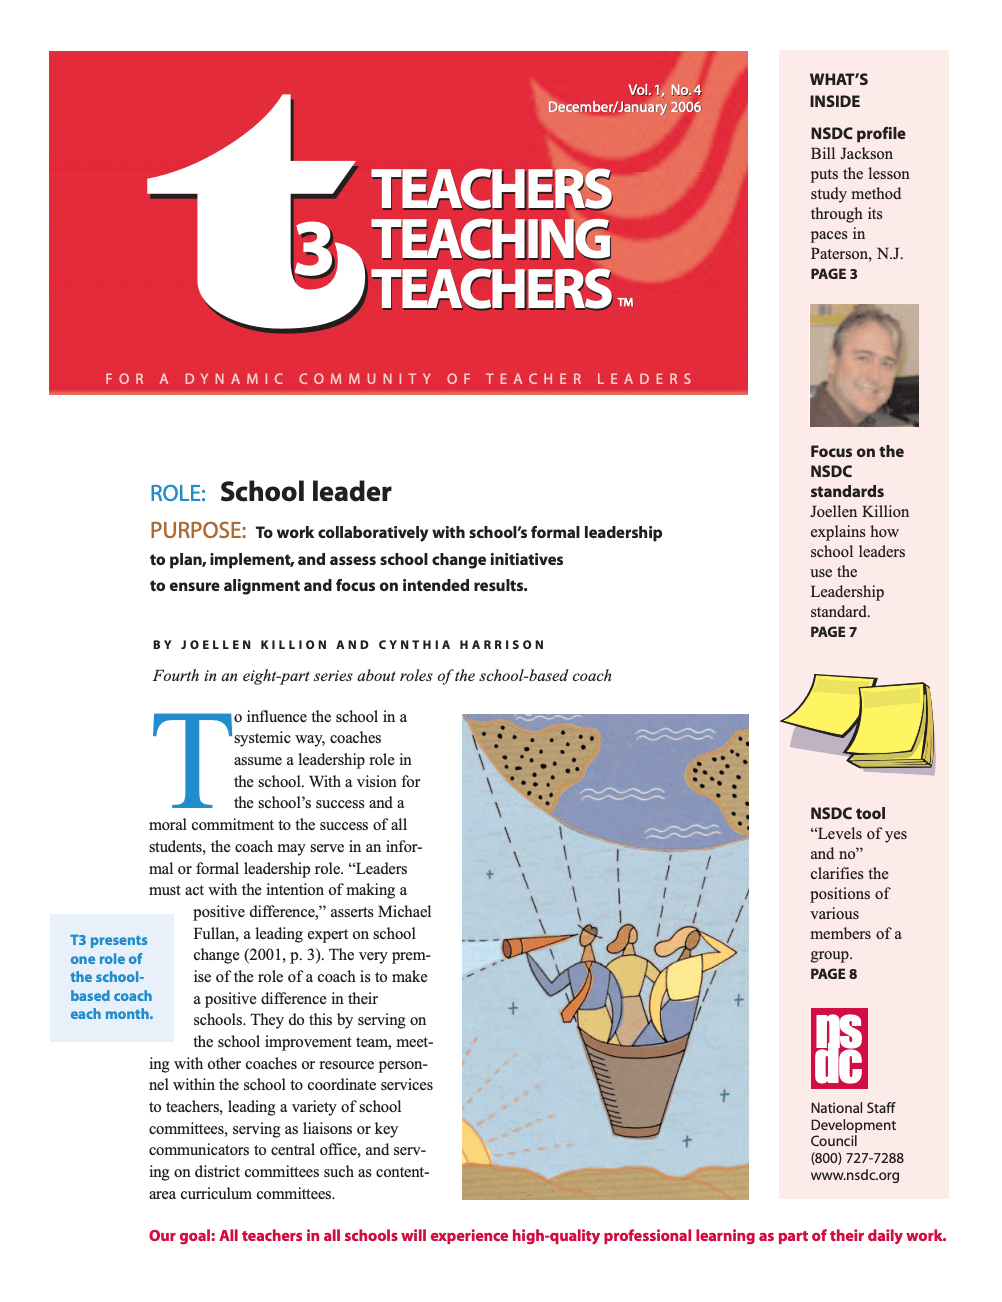 teachers-teaching-teachers-december-2005-vol-1-no-4